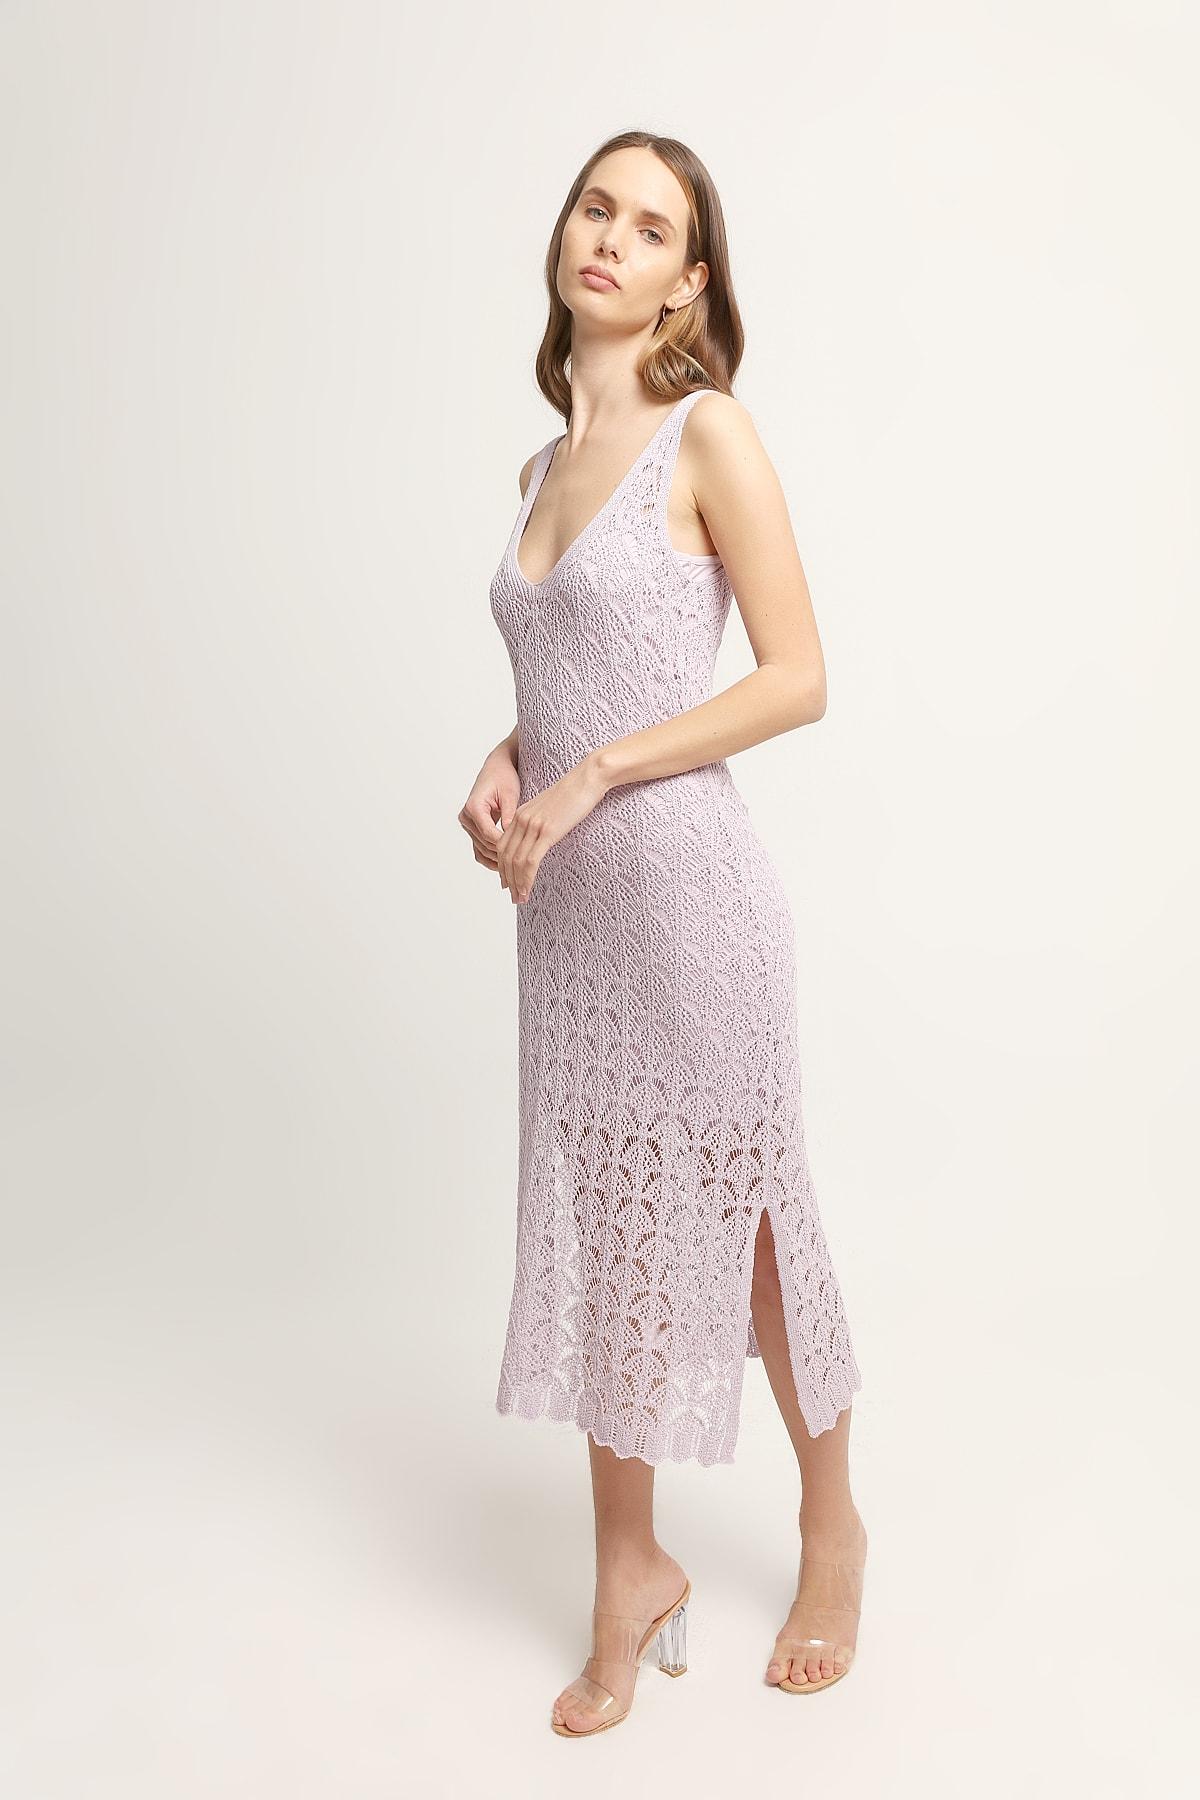 JOIN US Kadın Yanları Yırtmaç Detaylı Uzun Triko Elbise-Lila 2020S057